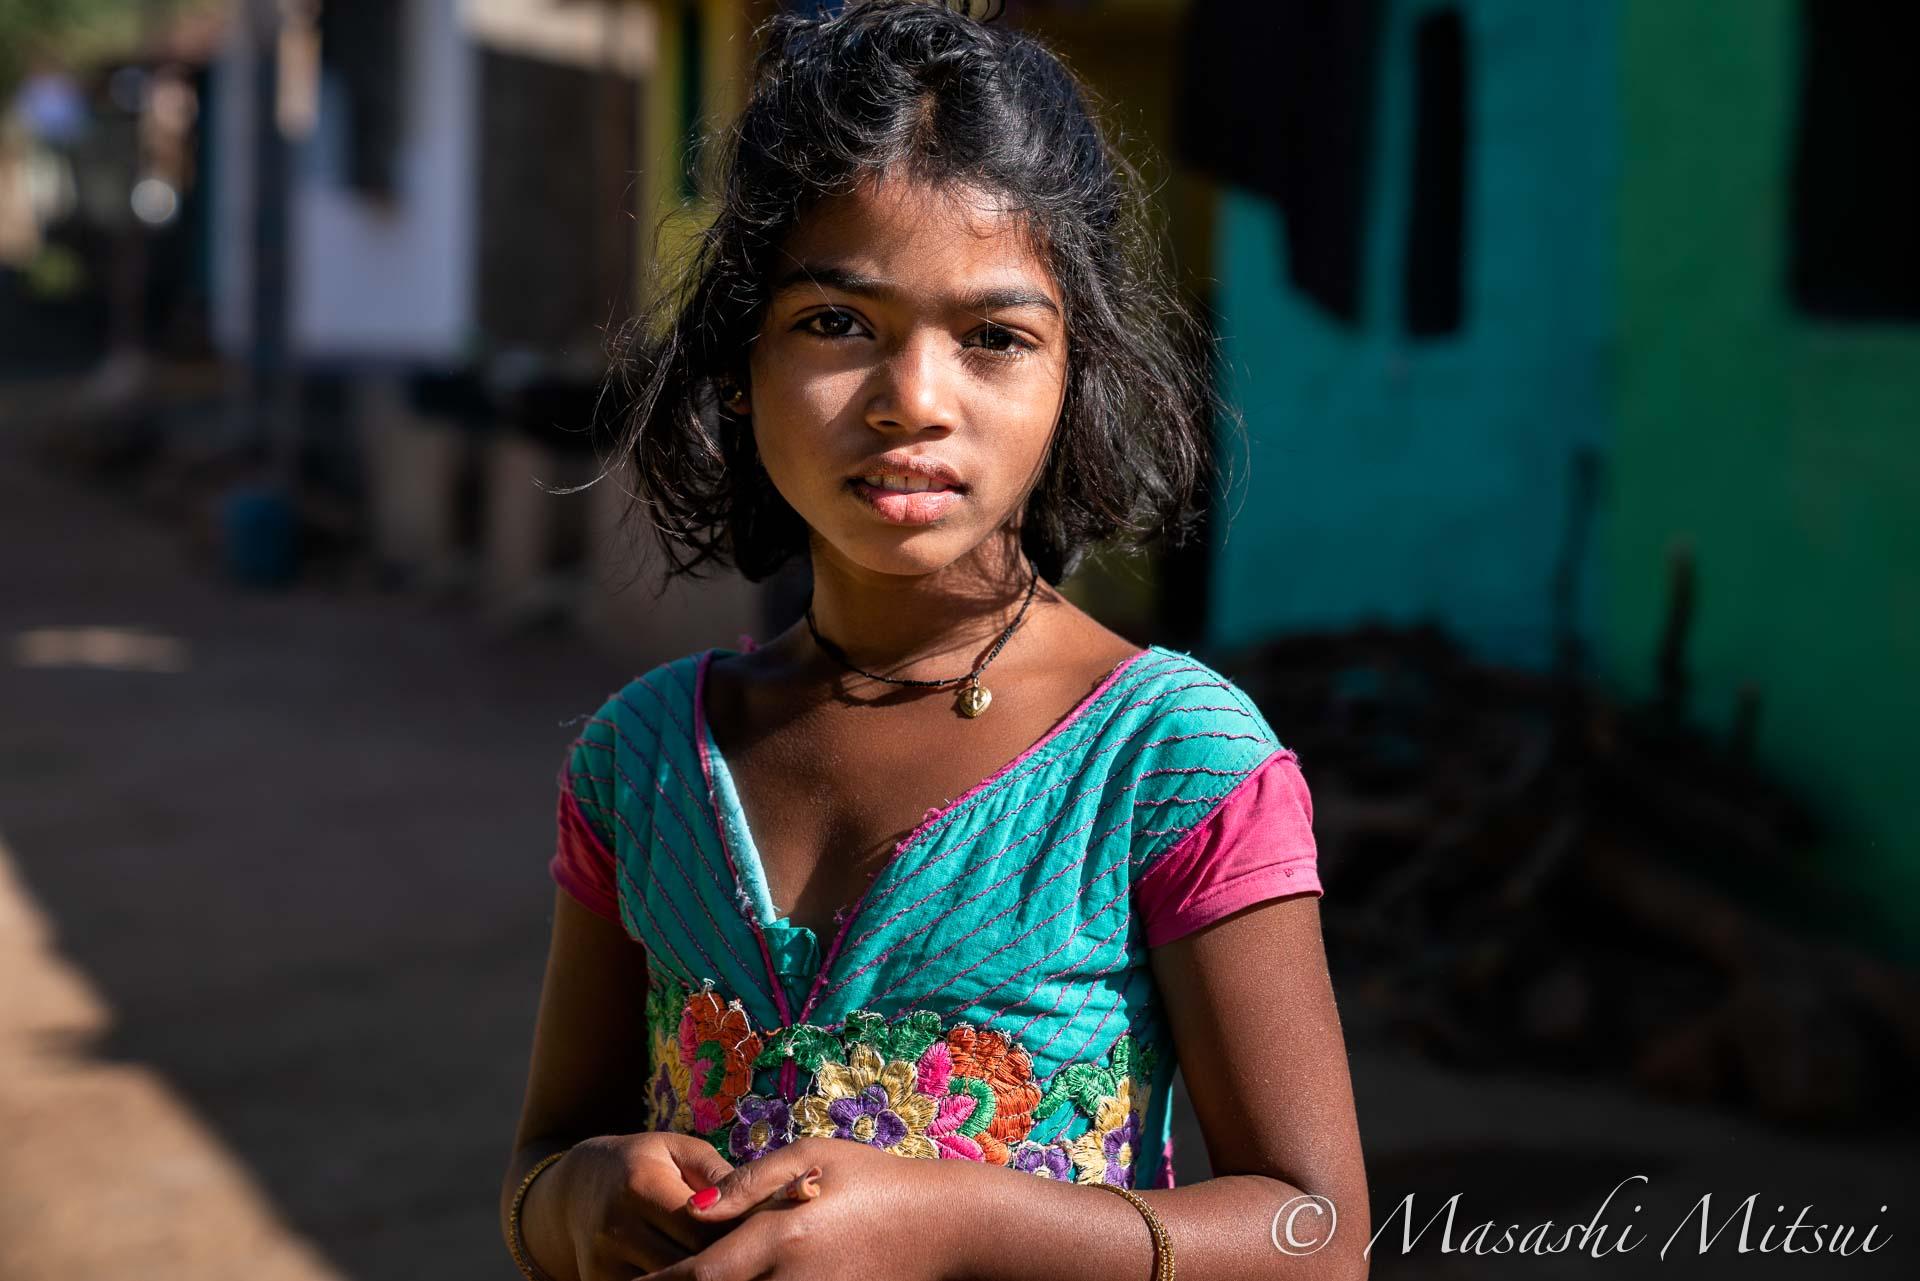 india18-07014